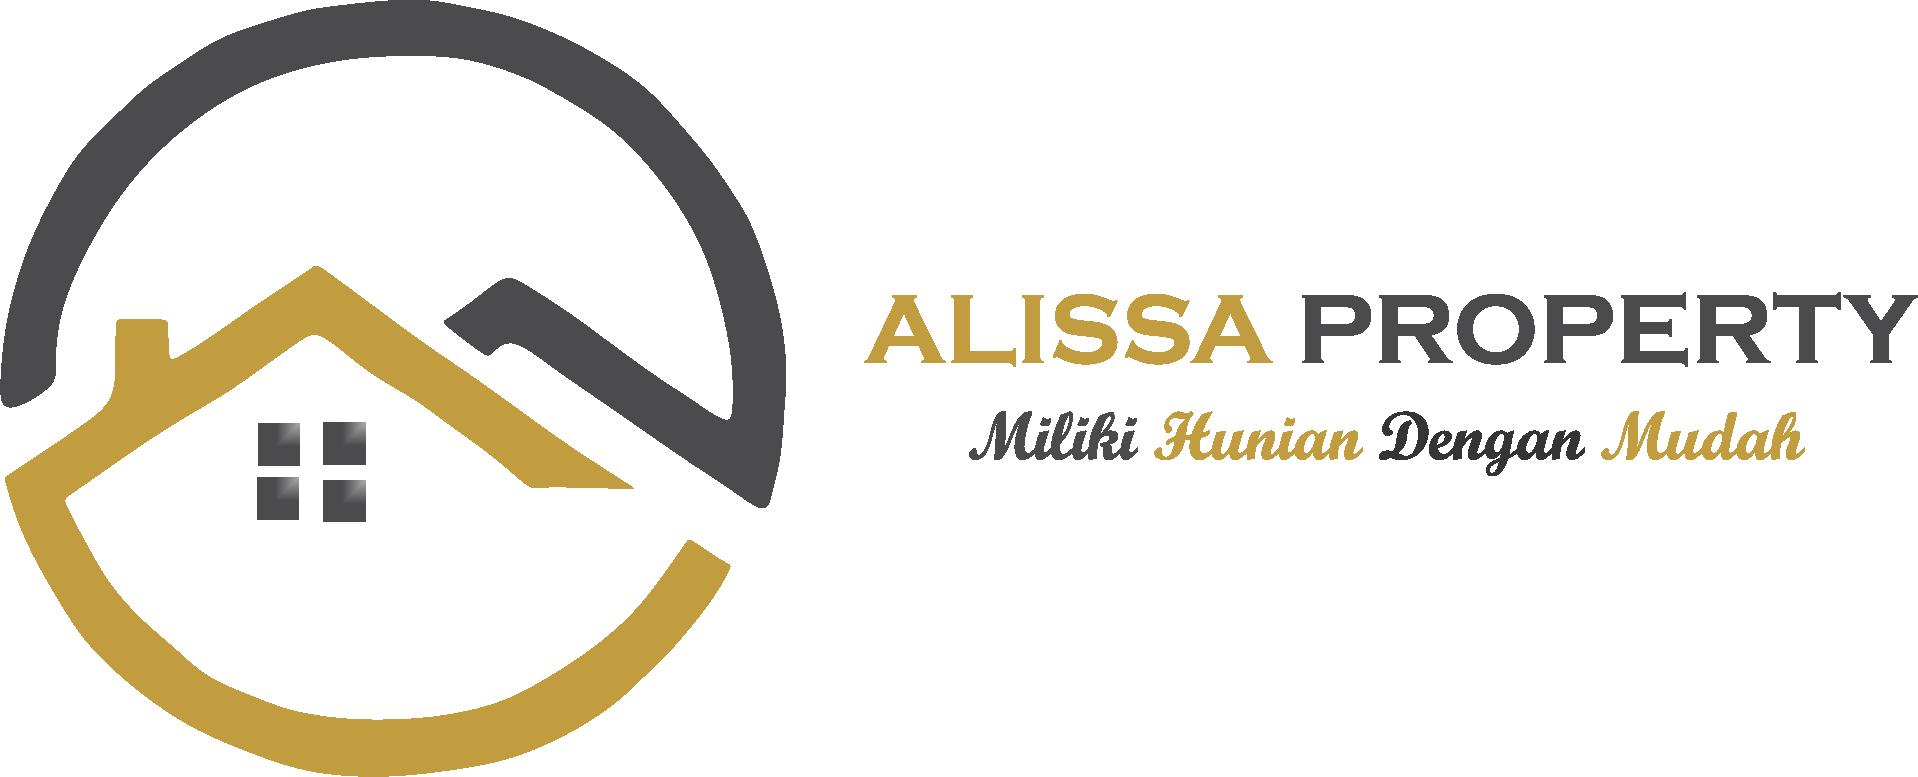 logo alissa